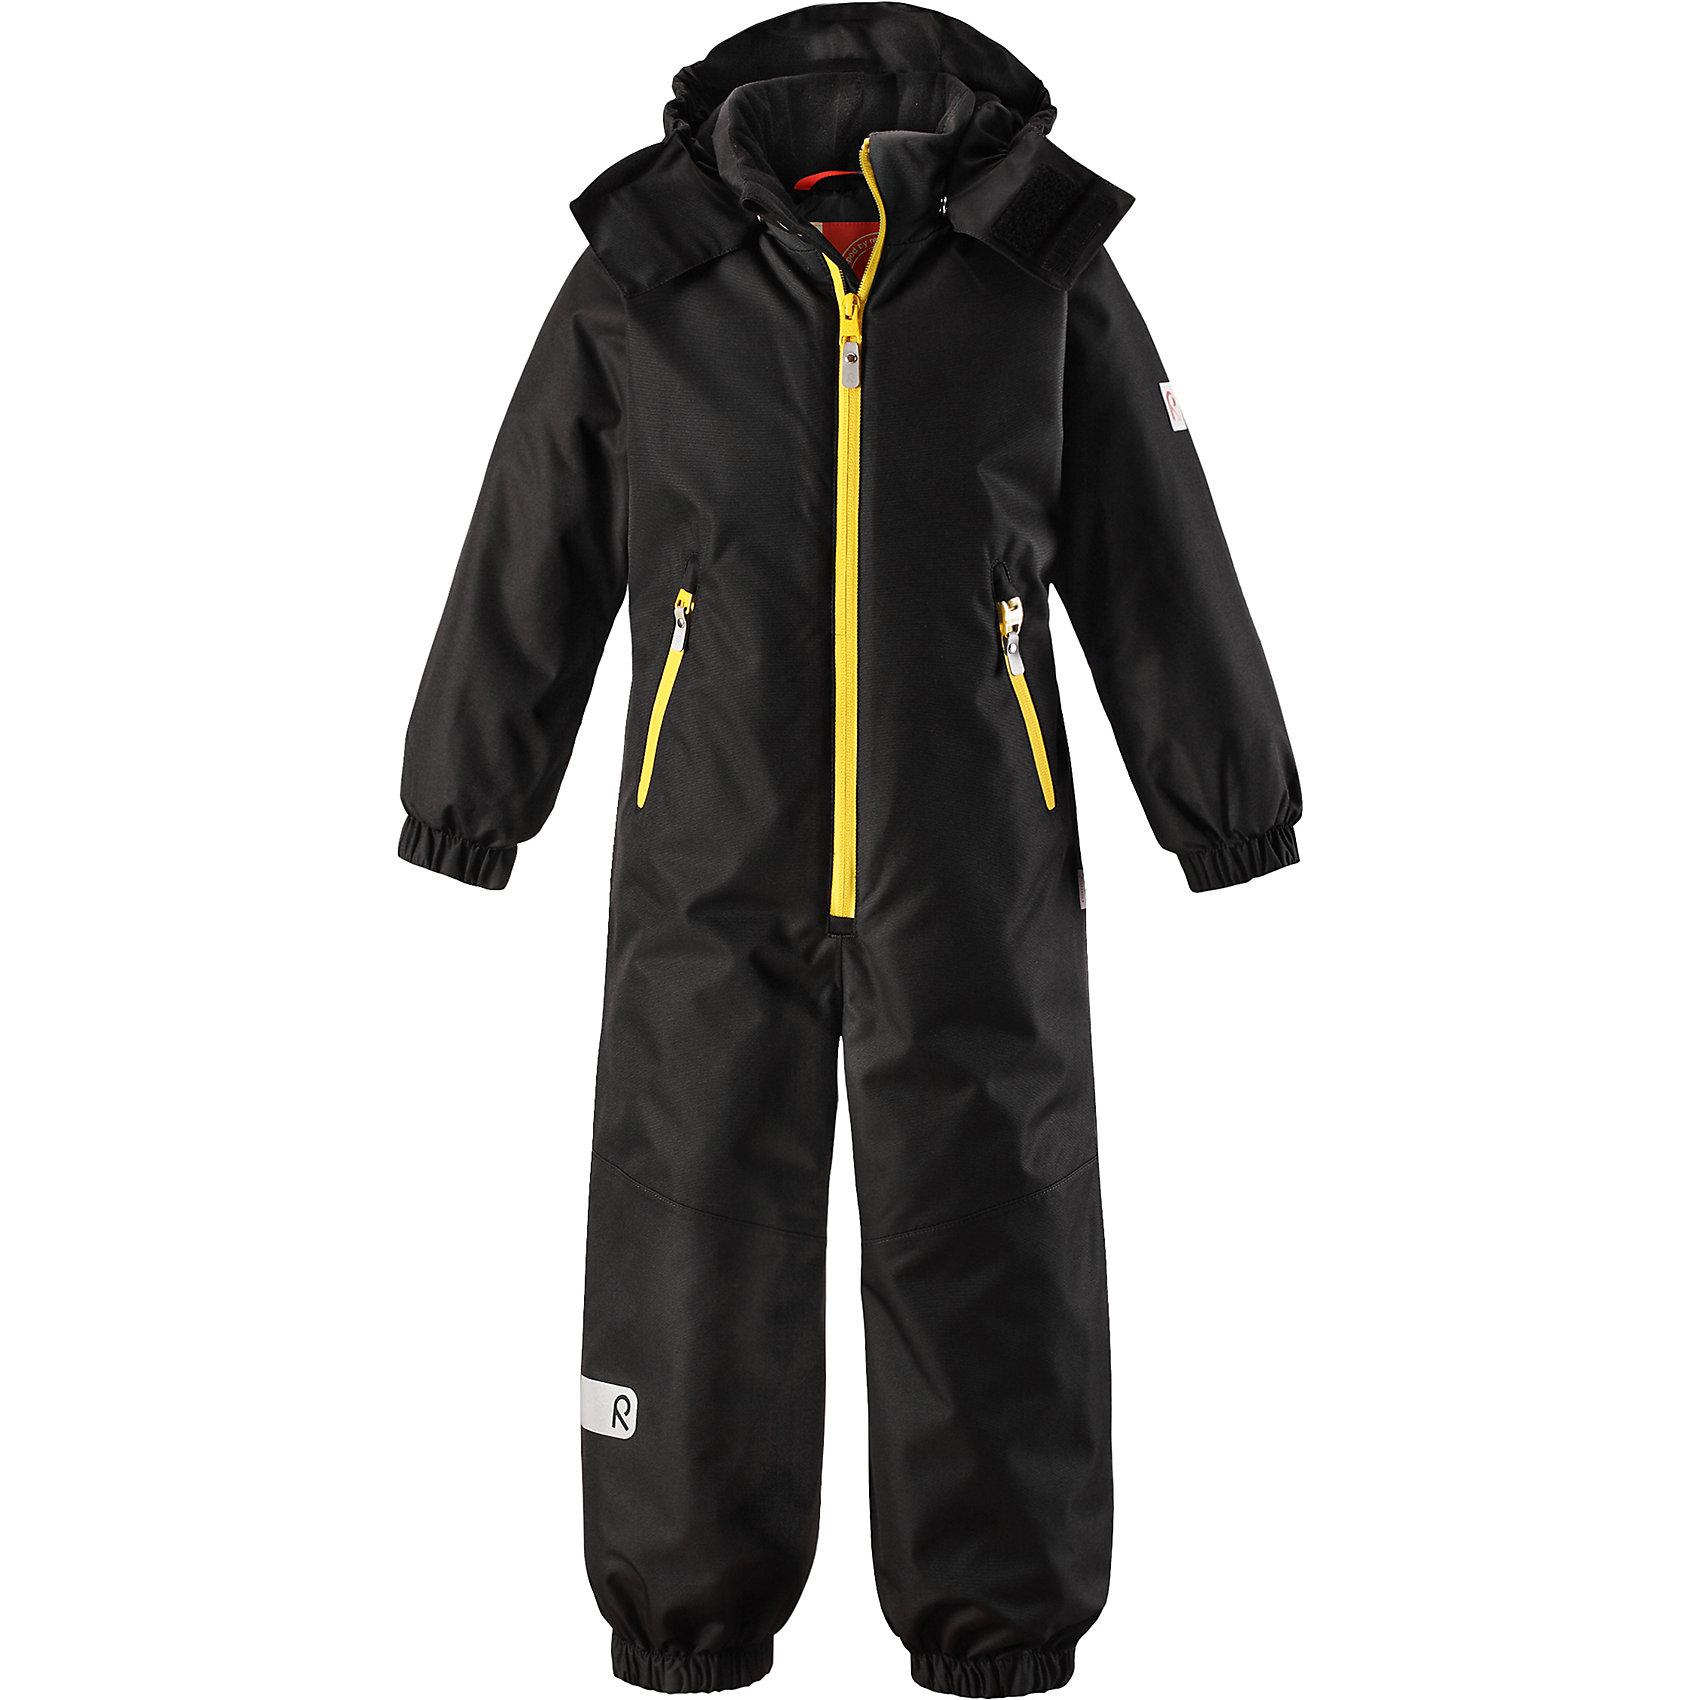 Комбинезон Reima ReissuВерхняя одежда<br>Характеристики товара:<br><br>• цвет: черный;<br>• состав: 100% полиэстер;<br>• подкладка: 100% полиэстер;<br>• утеплитель: 160 г/м2<br>• температурный режим: от 0 до -20С;<br>• сезон: зима; <br>• водонепроницаемость: 5000 мм;<br>• воздухопроницаемость: 5000 мм;<br>• износостойкость: 30000 циклов (тест Мартиндейла);<br>• водо- и ветронепроницаемый, дышащий и грязеотталкивающий материал;<br>• прочные усиленные вставки внизу, на коленях и снизу на ногах;<br>• основные швы проклеены и не пропускают влагу;<br>• гладкая подкладка из полиэстера;<br>• эластичные манжеты;<br>• застежка: молния с защитой подбородка;<br>• безопасный съемный капюшон на кнопках;<br>• внутренняя регулировка обхвата талии;<br>• регулируемая длина брюк с помощью кнопок;<br>• прочные съемные силиконовые штрипки;<br>• два кармана на молнии;<br>• светоотражающие детали;<br>• страна бренда: Финляндия;<br>• страна изготовитель: Китай.<br><br>Непромокаемый и прочный детский зимний комбинезон Reimatec® с проклеенными основными швами. Этот практичный комбинезон изготовлен из ветронепроницаемого и дышащего материала, поэтому вашему ребенку будет тепло и сухо, к тому же он не вспотеет. Комбинезон снабжен гладкой подкладкой из полиэстера. <br><br>В этом комбинезоне прямого кроя талия при необходимости легко регулируется изнутри, что позволяет подогнать комбинезон точно по фигуре. А еще он снабжен эластичными манжетами. Съемный капюшон защищает от пронизывающего ветра, а еще он безопасен во время игр на свежем воздухе. Кнопки легко отстегиваются, если капюшон случайно за что-нибудь зацепится. Этот практичный комбинезон снабжен съемными штрипками и двумя карманами на молнии. Светоотражающие детали довершают образ.<br><br>Комбинезон Reissu Reima от финского бренда Reima (Рейма) можно купить в нашем интернет-магазине.<br><br>Ширина мм: 356<br>Глубина мм: 10<br>Высота мм: 245<br>Вес г: 519<br>Цвет: черный<br>Возраст от месяцев: 108<br>Возраст до месяцев: 120<br>Пол: Унисек